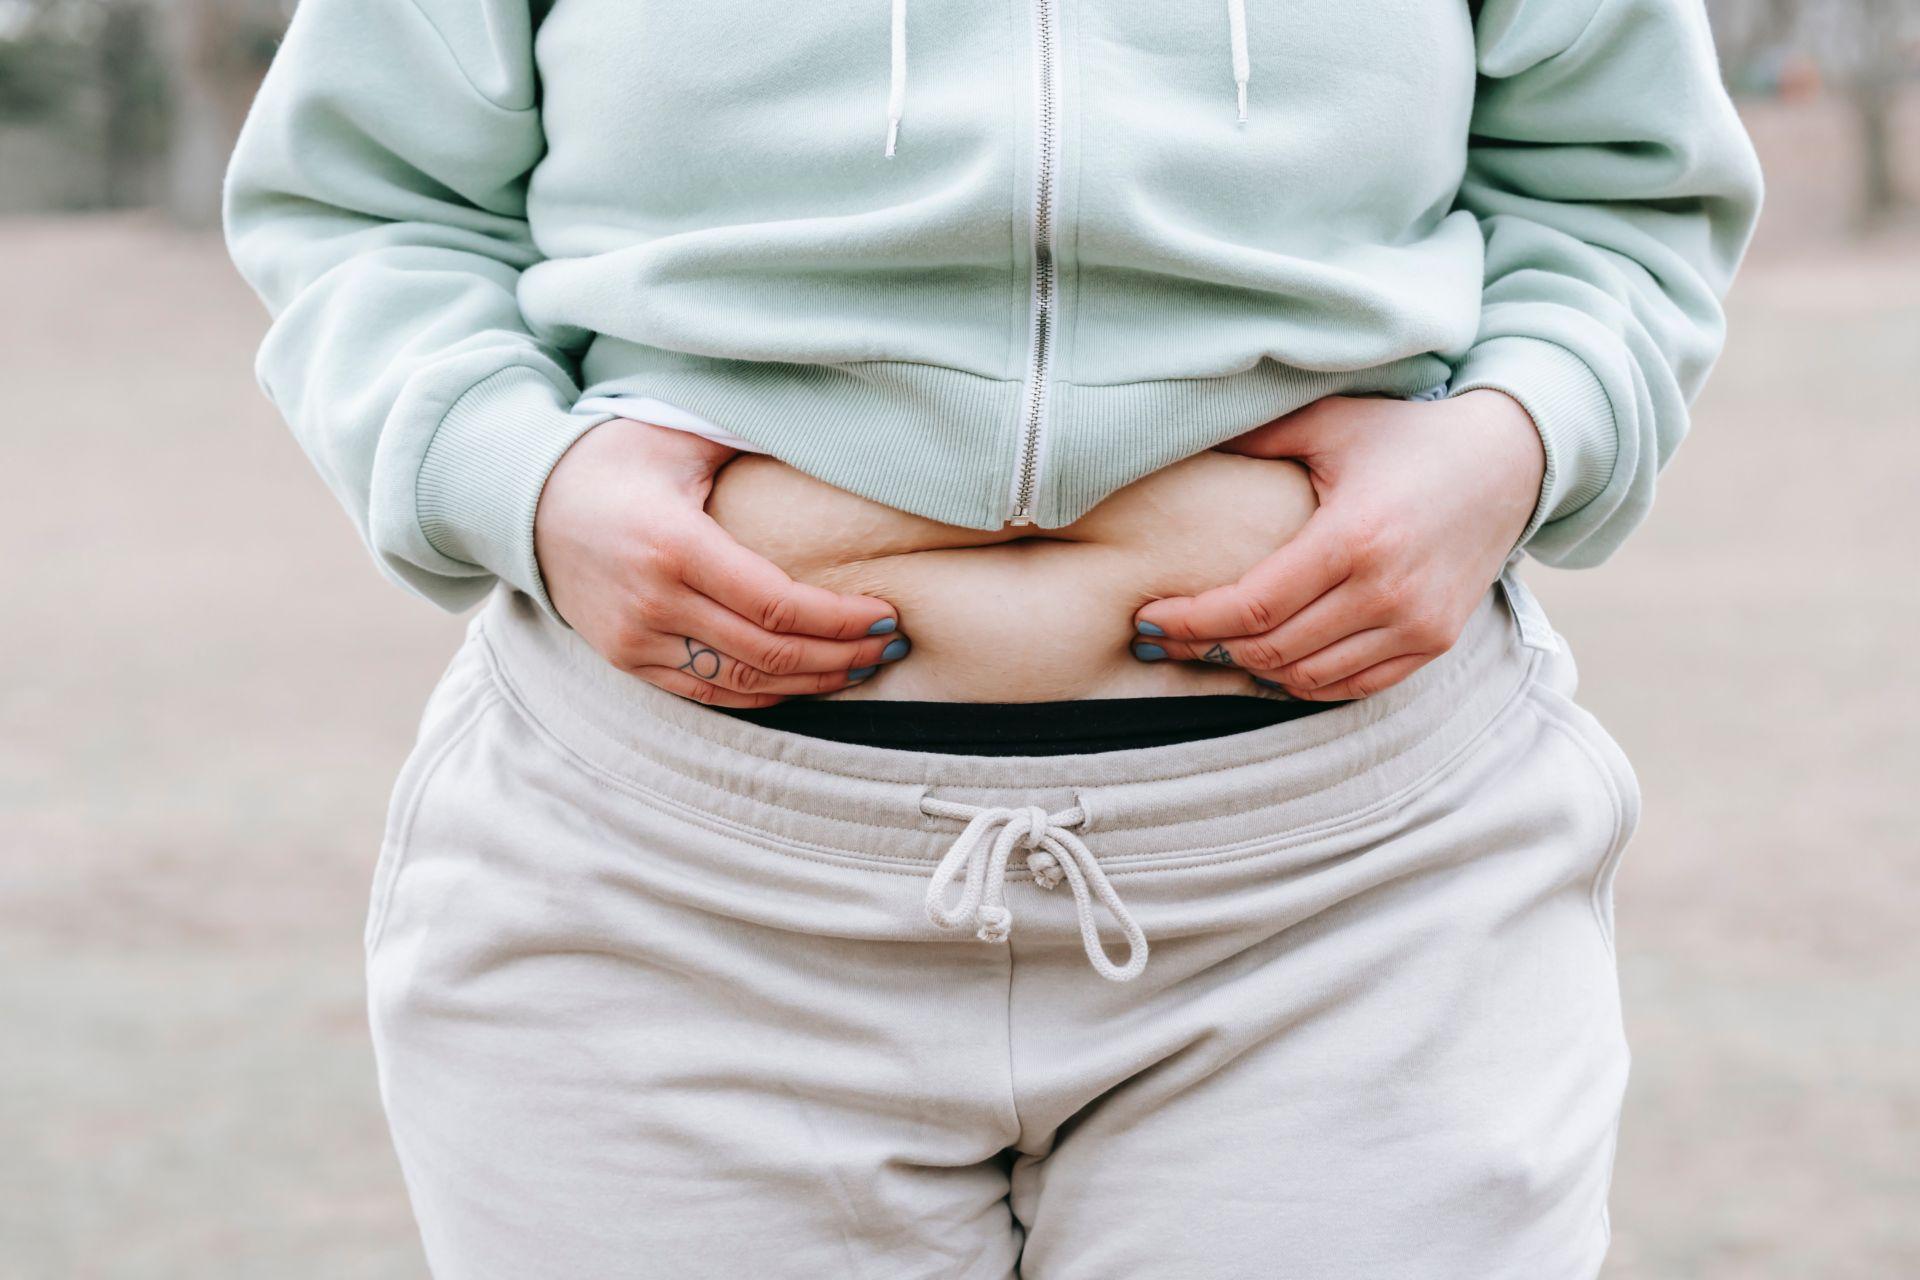 Ngăn ngừa chứng đầy hơi, chướng bụng gây khó chịu cho cơ thể - 1